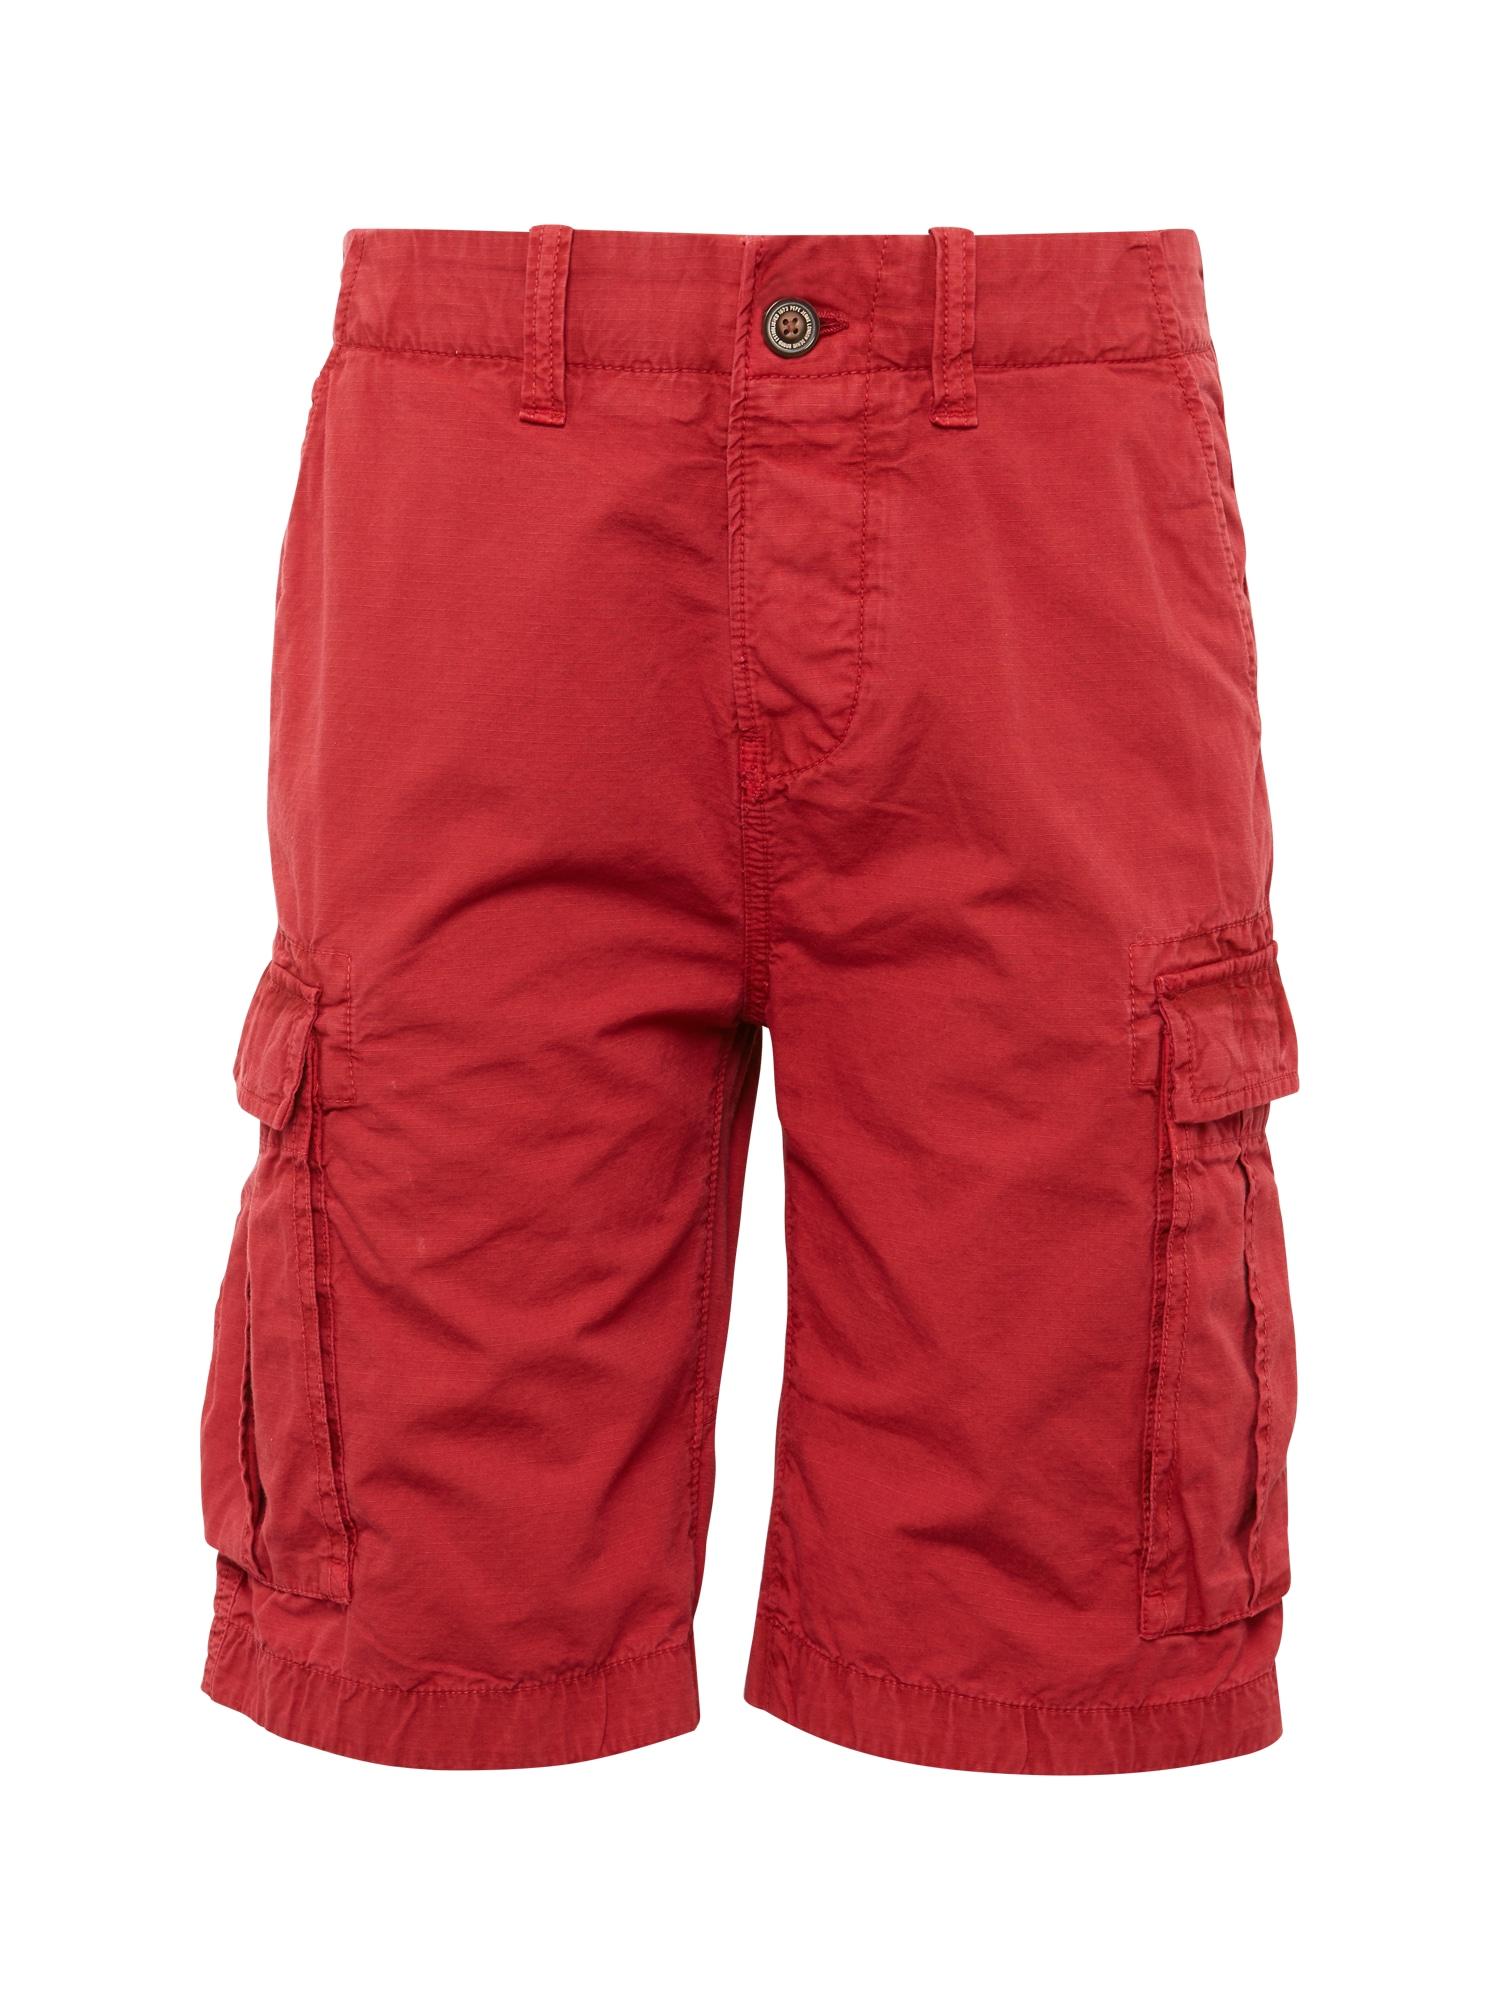 Pepe Jeans Heren Cargobroek JOURNEY RIBSTOP SHORT rood